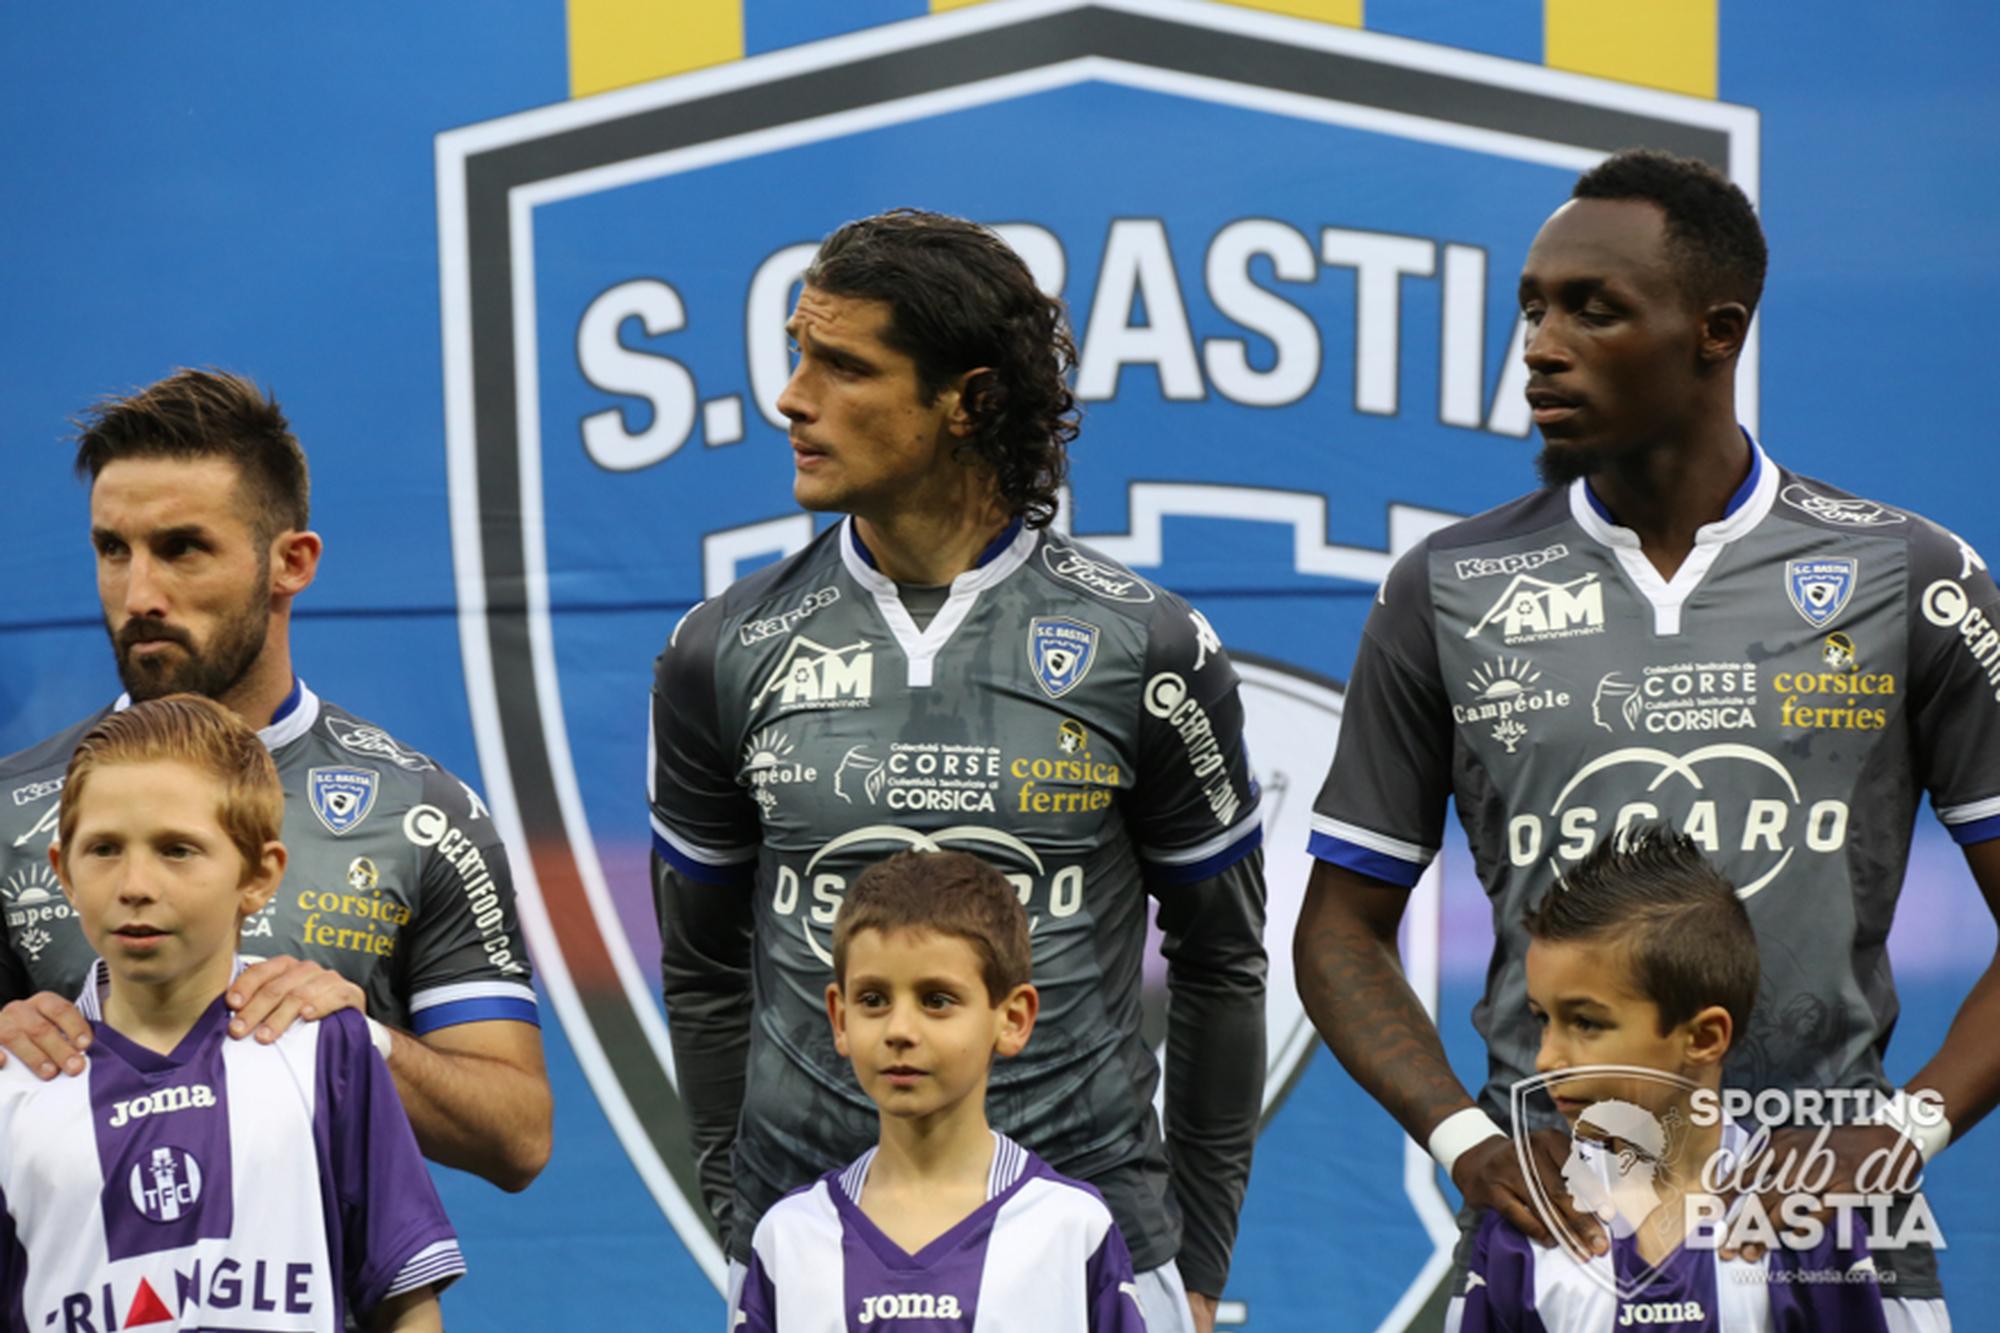 Toulouse - Bastia